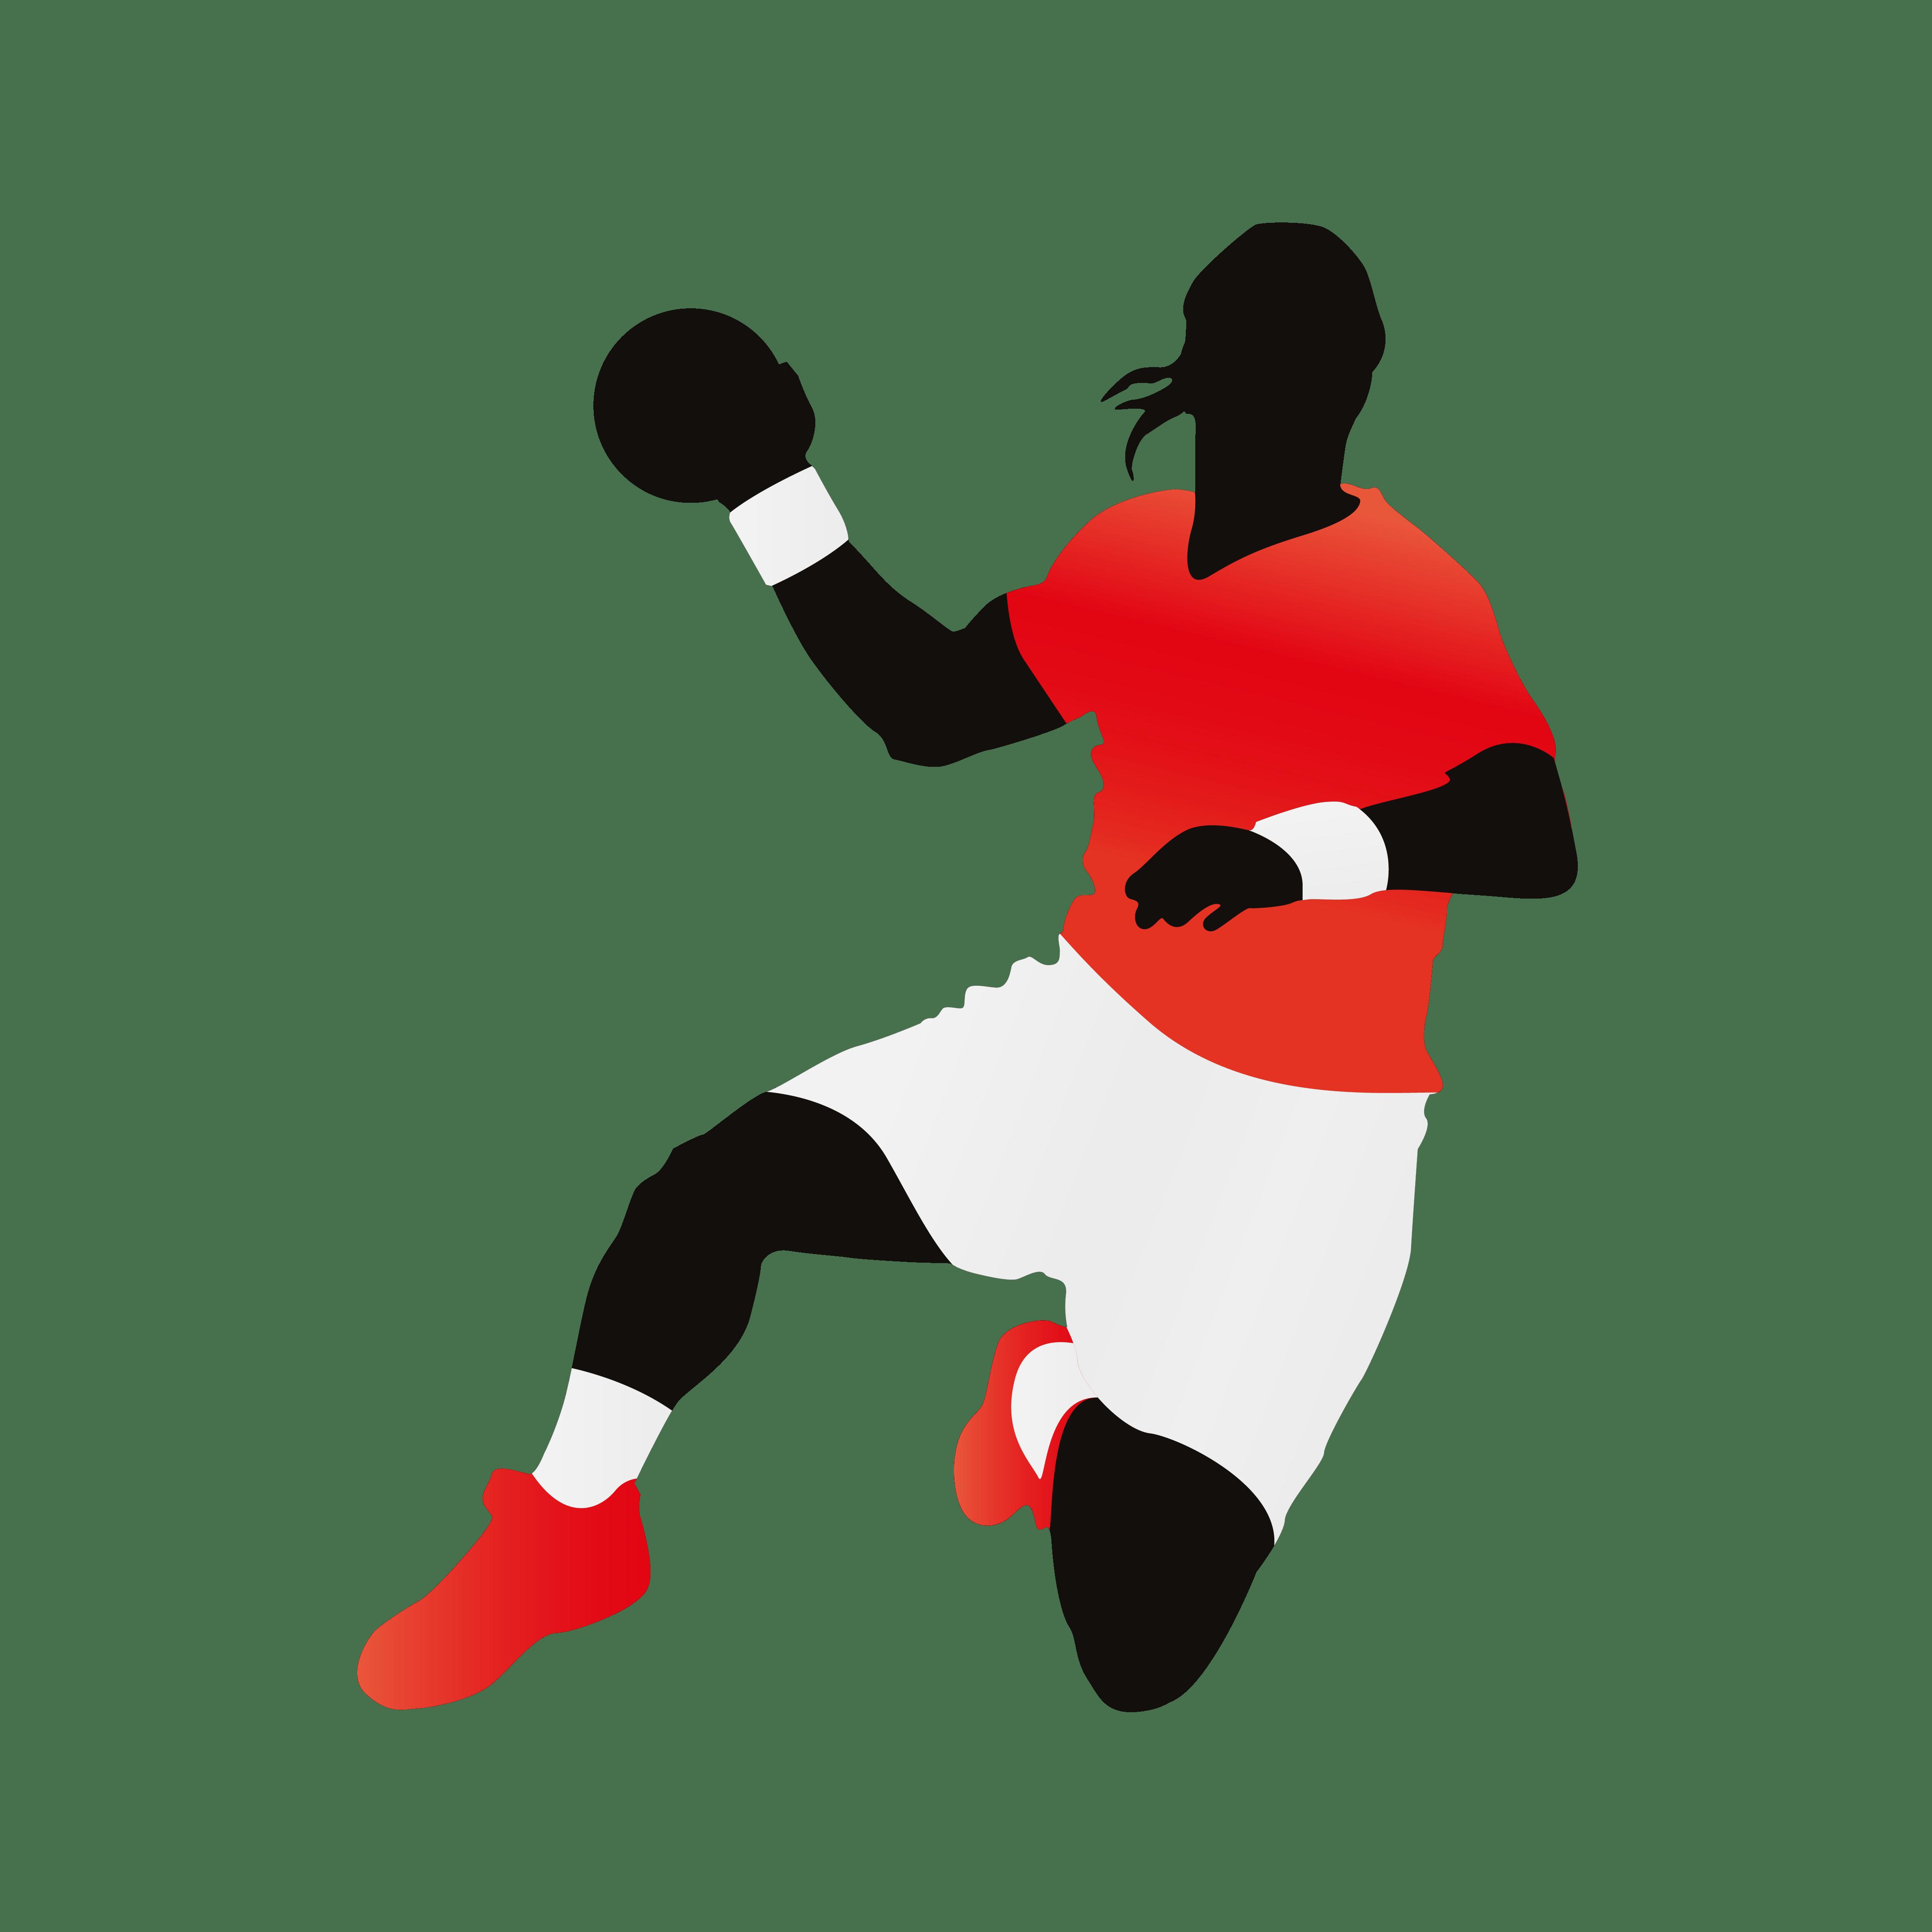 Handball_Zeichenfläche 1